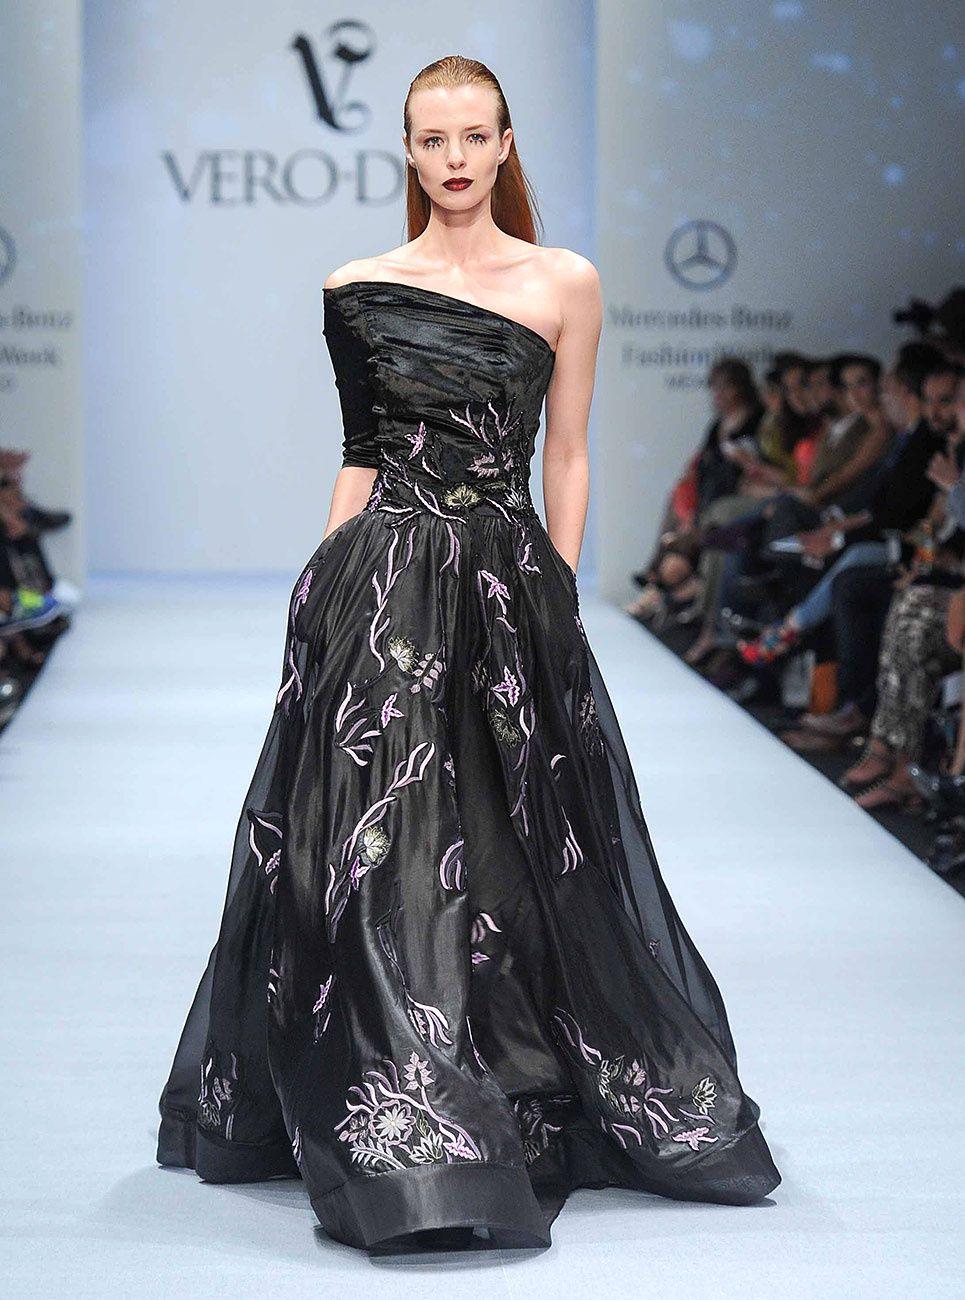 De regreso a los 80s... así es el debut de @VeroDiazMx en @fashionweekmx. #MBFWMx http://buff.ly/1CMvdrd